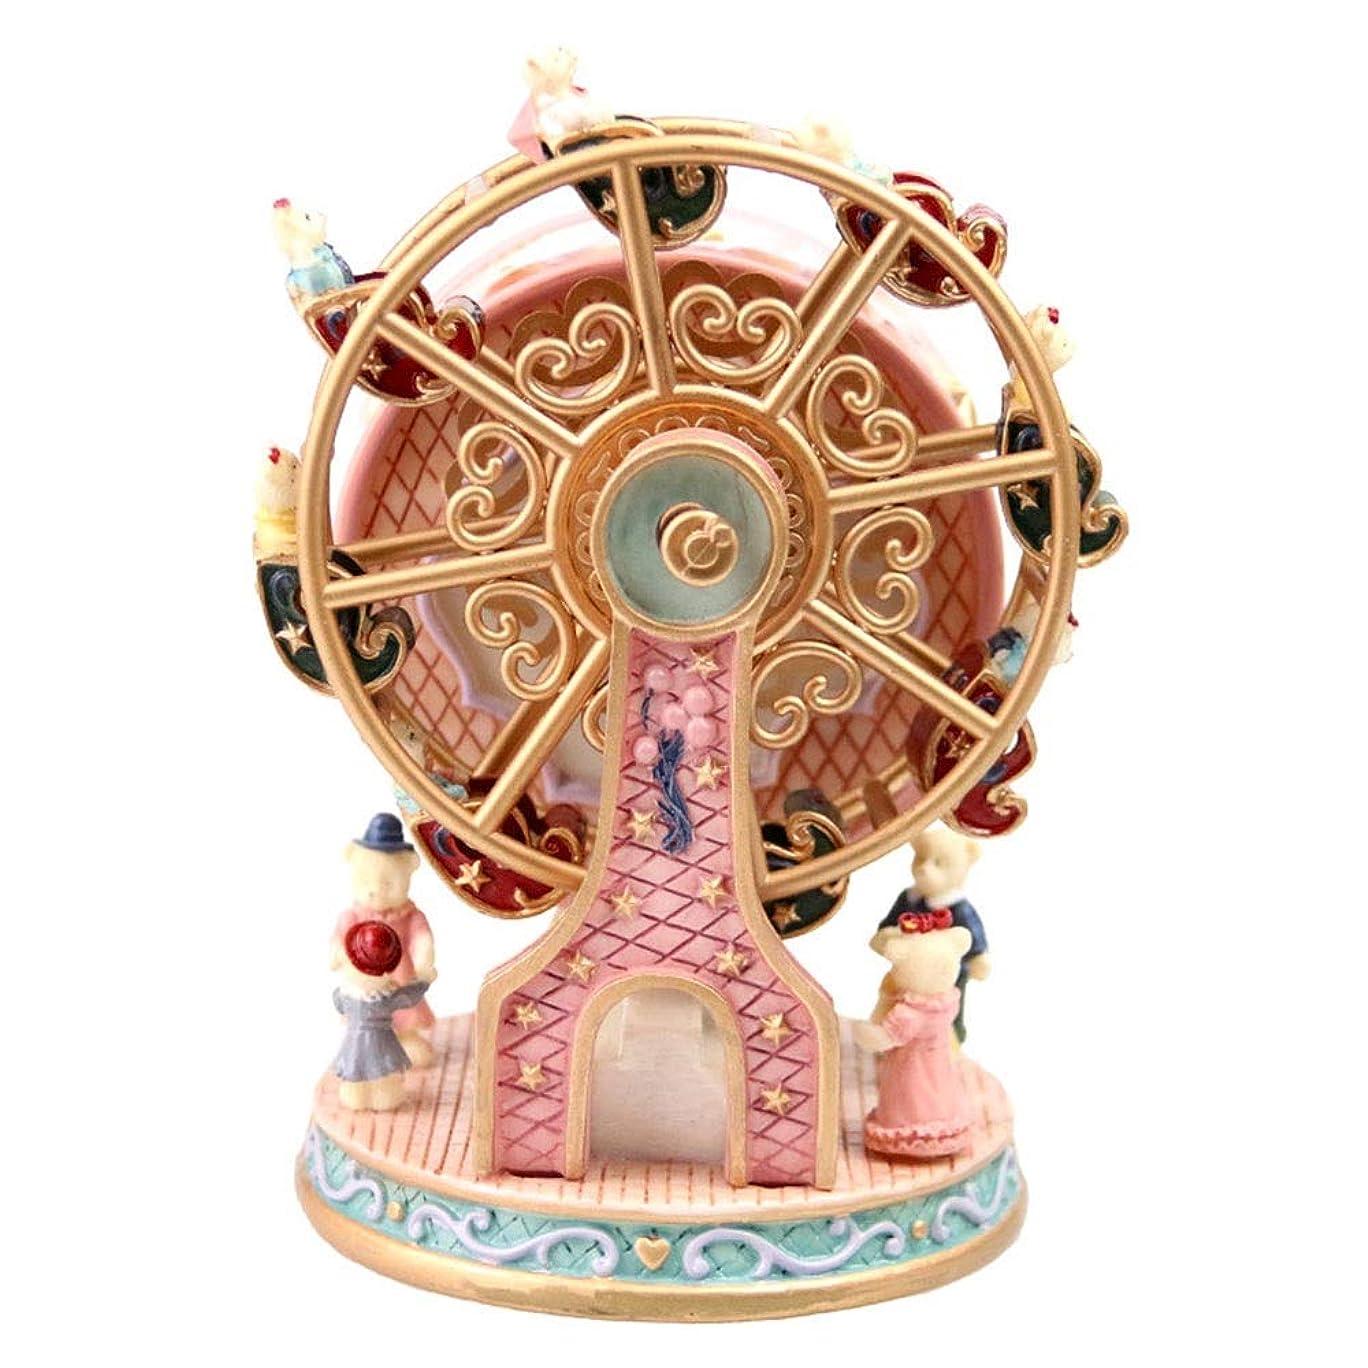 舌な相対サイズ突然アート ヴィンテージ観覧車観覧車のオルゴールオルゴールウィニー樹脂の装飾品の家庭用家具のギフトパーソナライズされた誕生日プレゼントクリスマスプレゼント10 * 10 * 15センチメートル 飾る (色 : Pink)